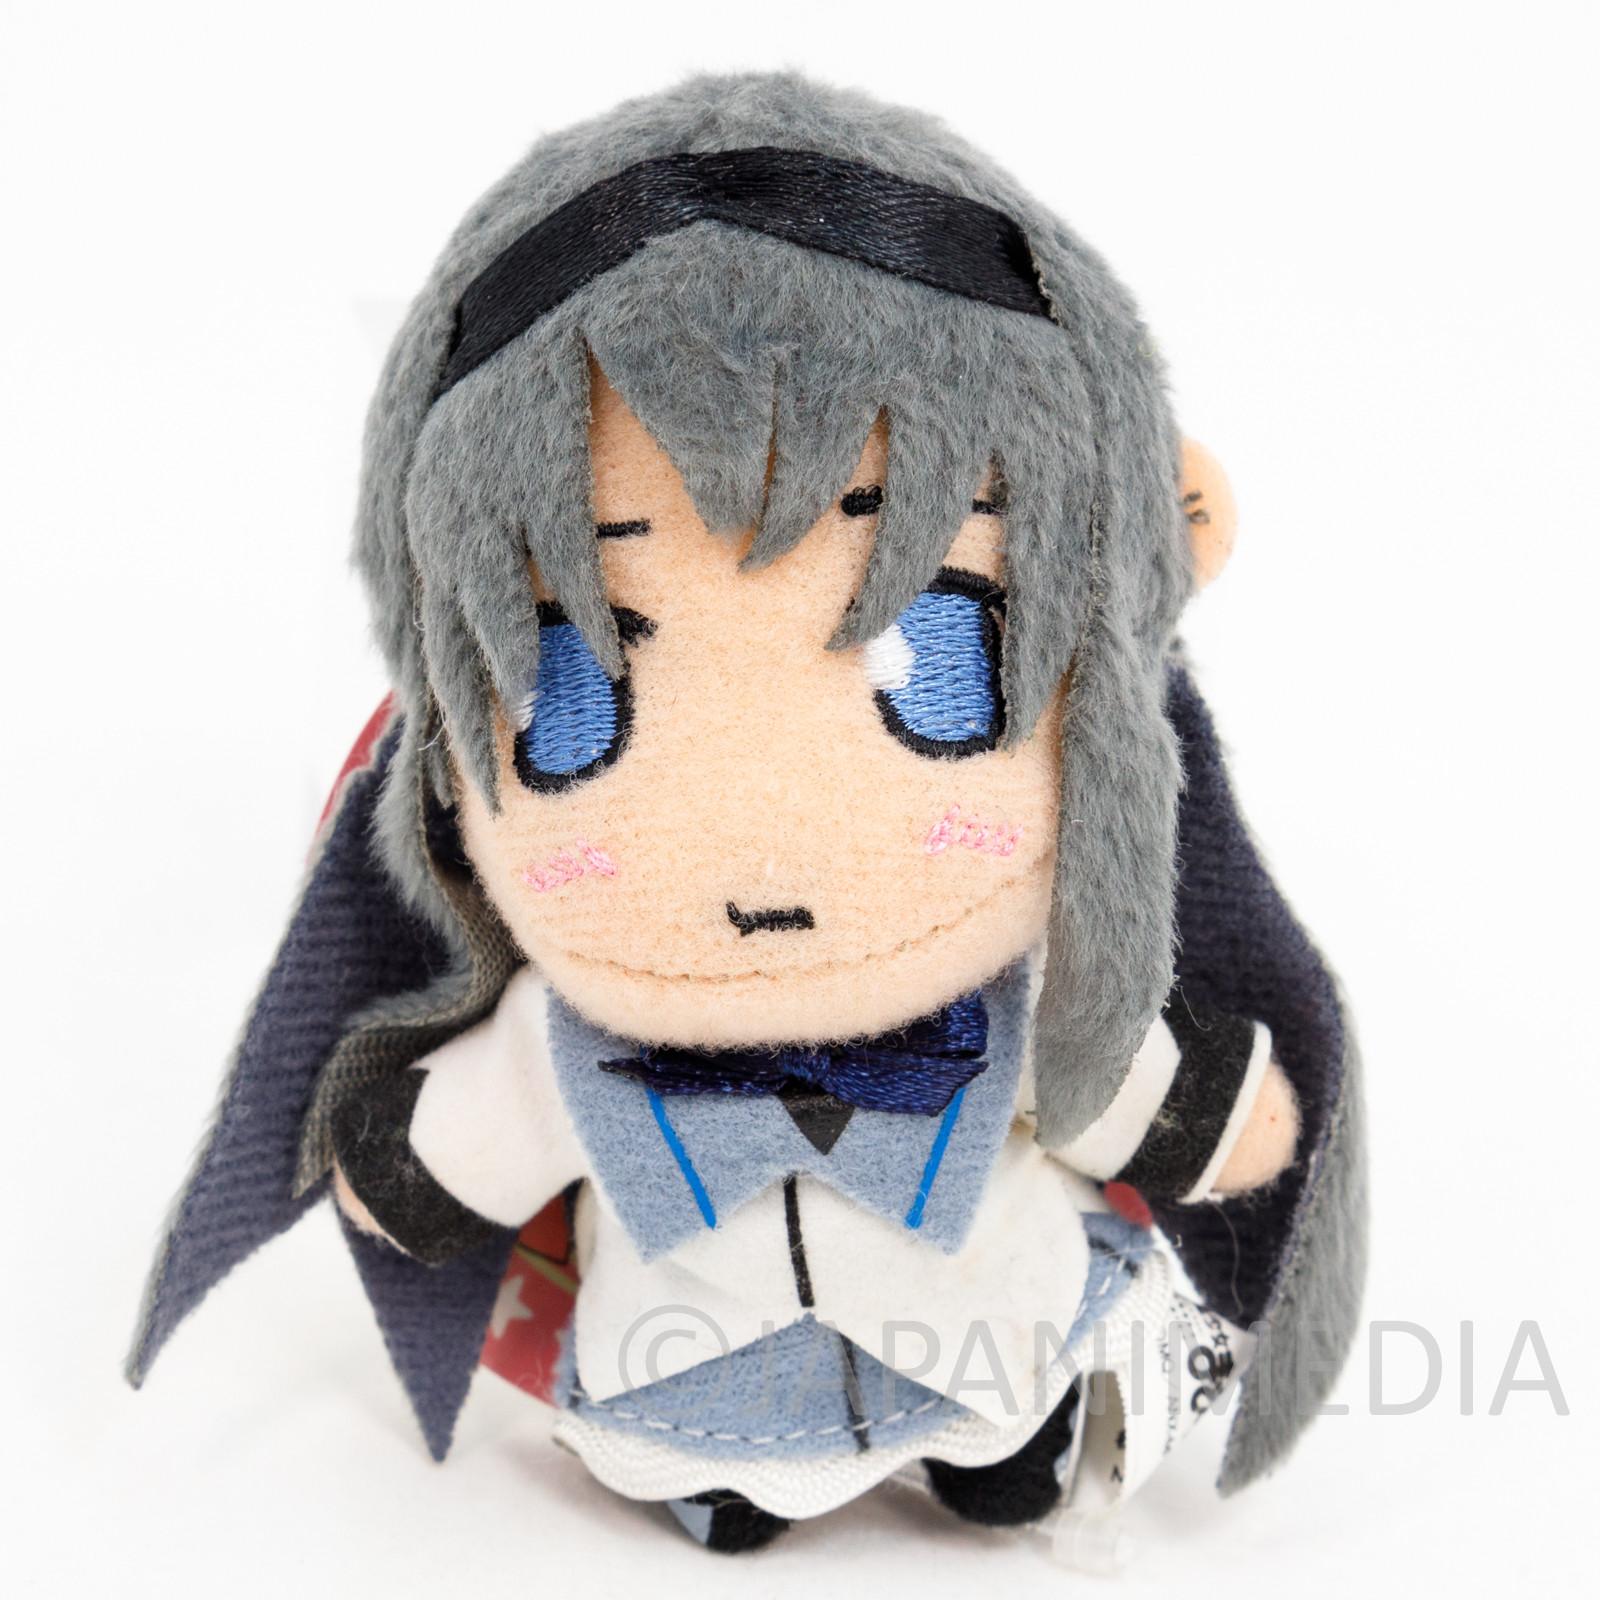 Puella Magi Magica Madoka Homura Akemi Mascot Plush Doll Ballchain JAPAN ANIME